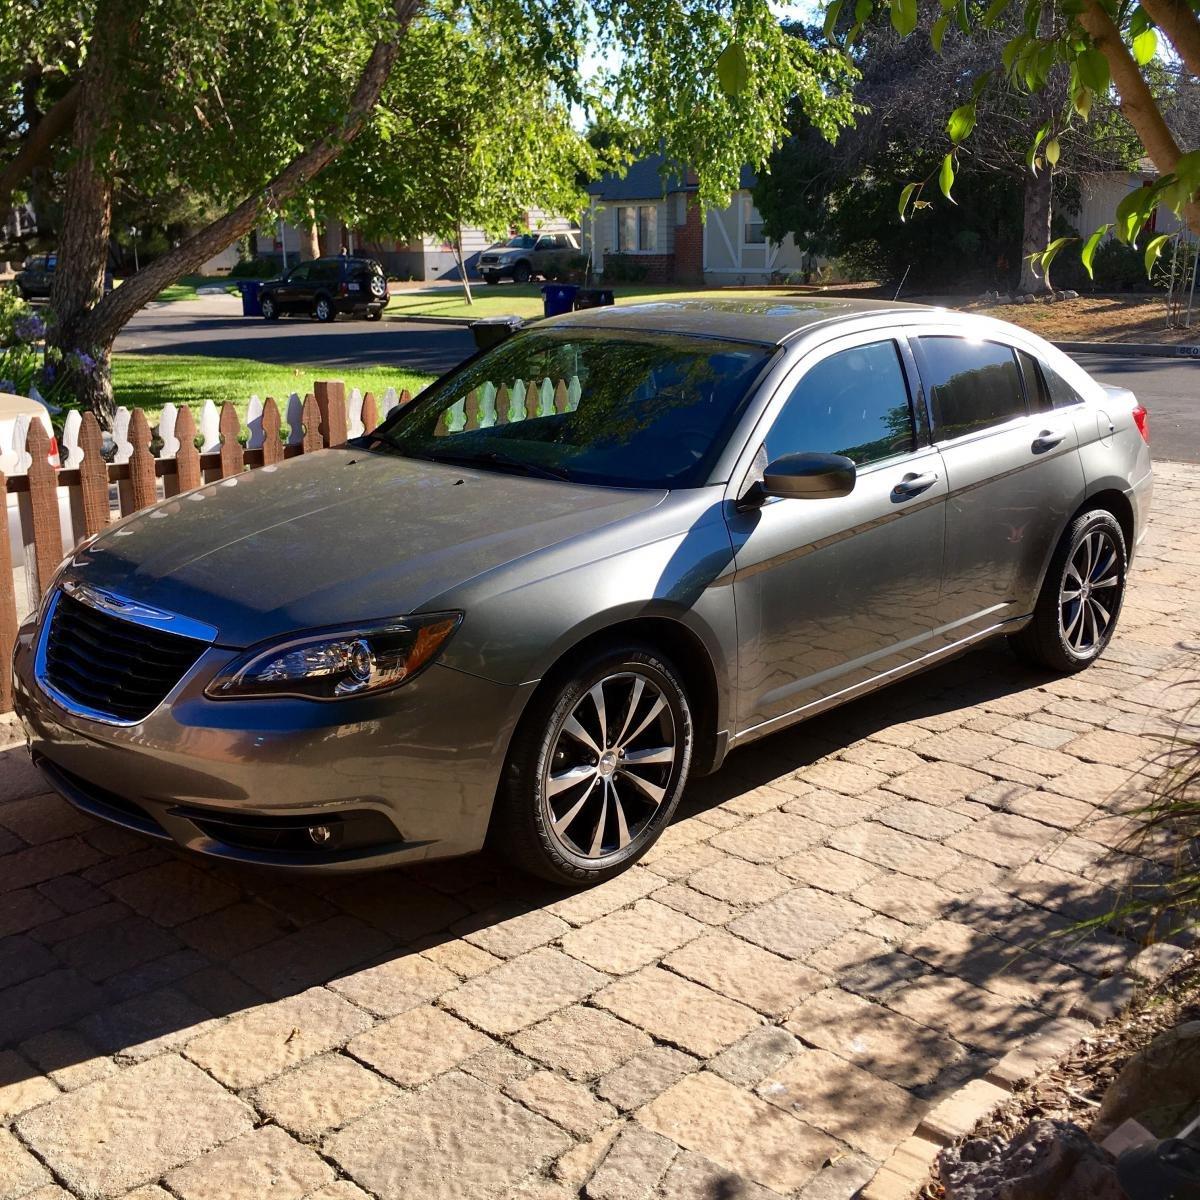 New 2012 Chrysler 200S Owner